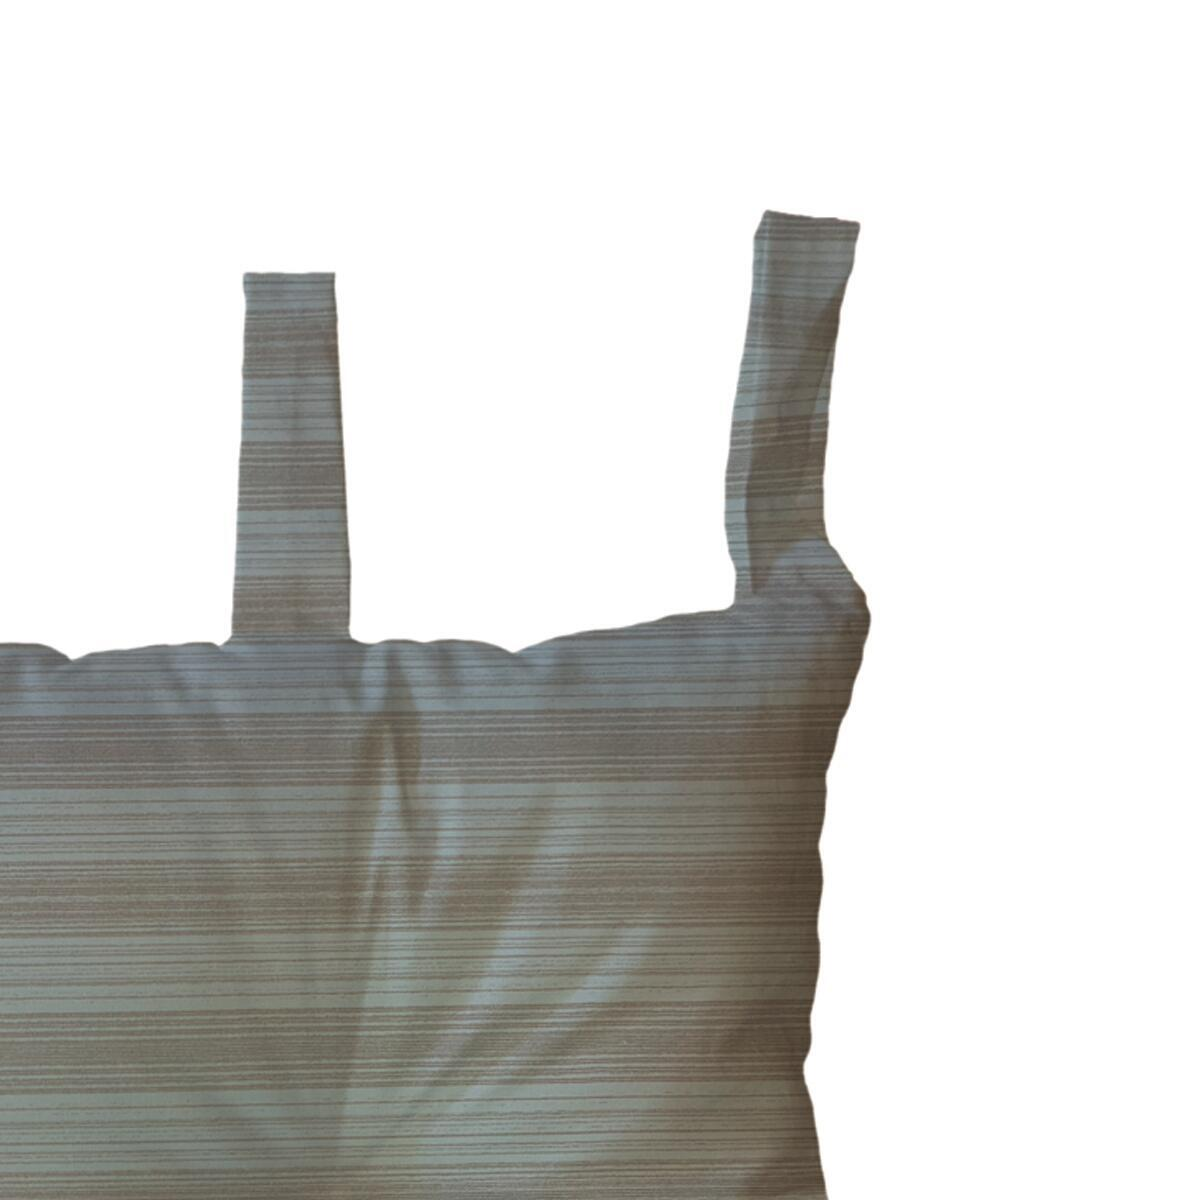 Cuscino testata letto RIGA ecru 45x70 cm - 2